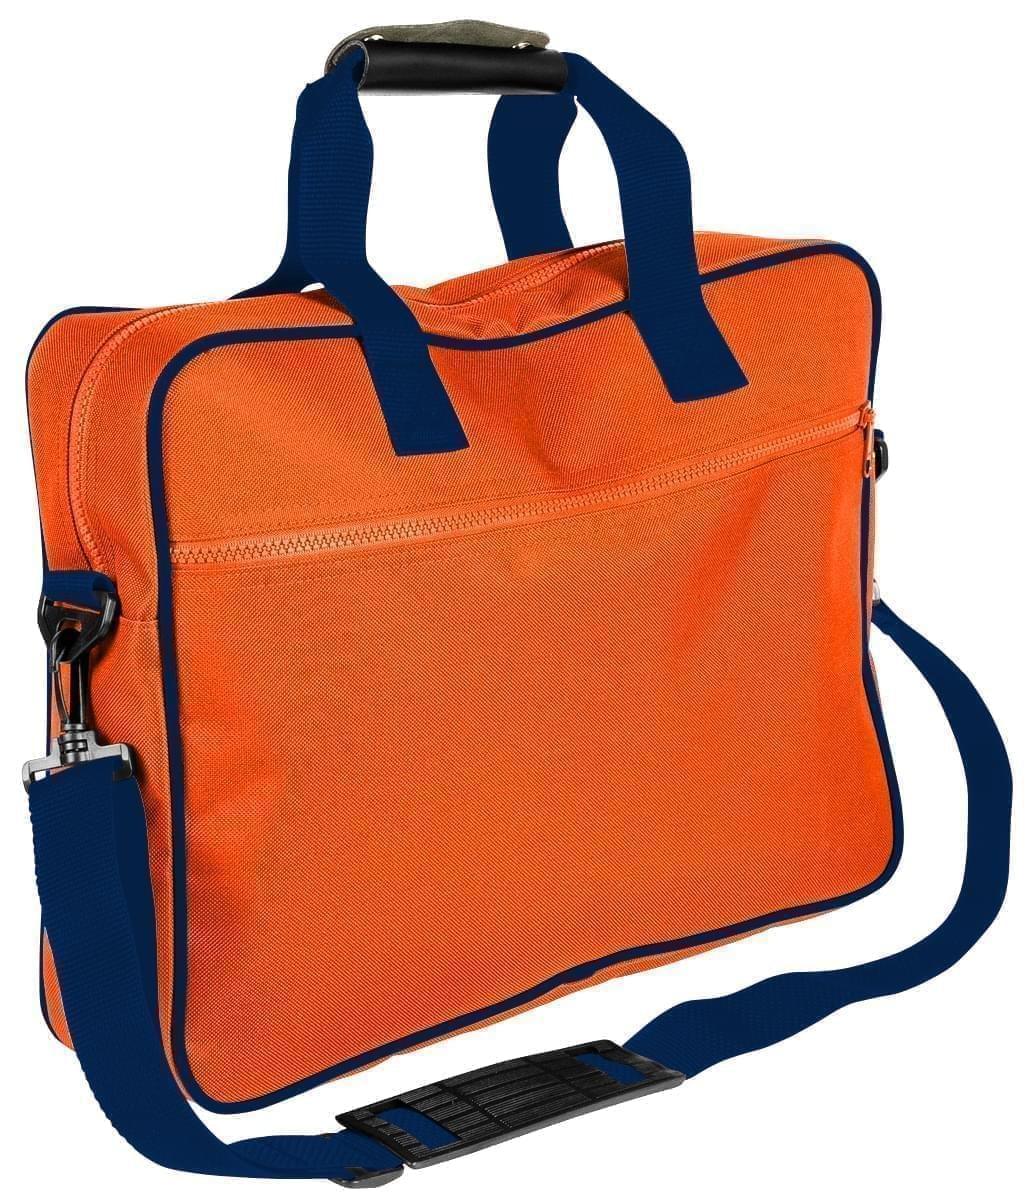 USA Made Nylon Poly Notebook Sleeves, Orange-Navy, CPKVA59PXZ